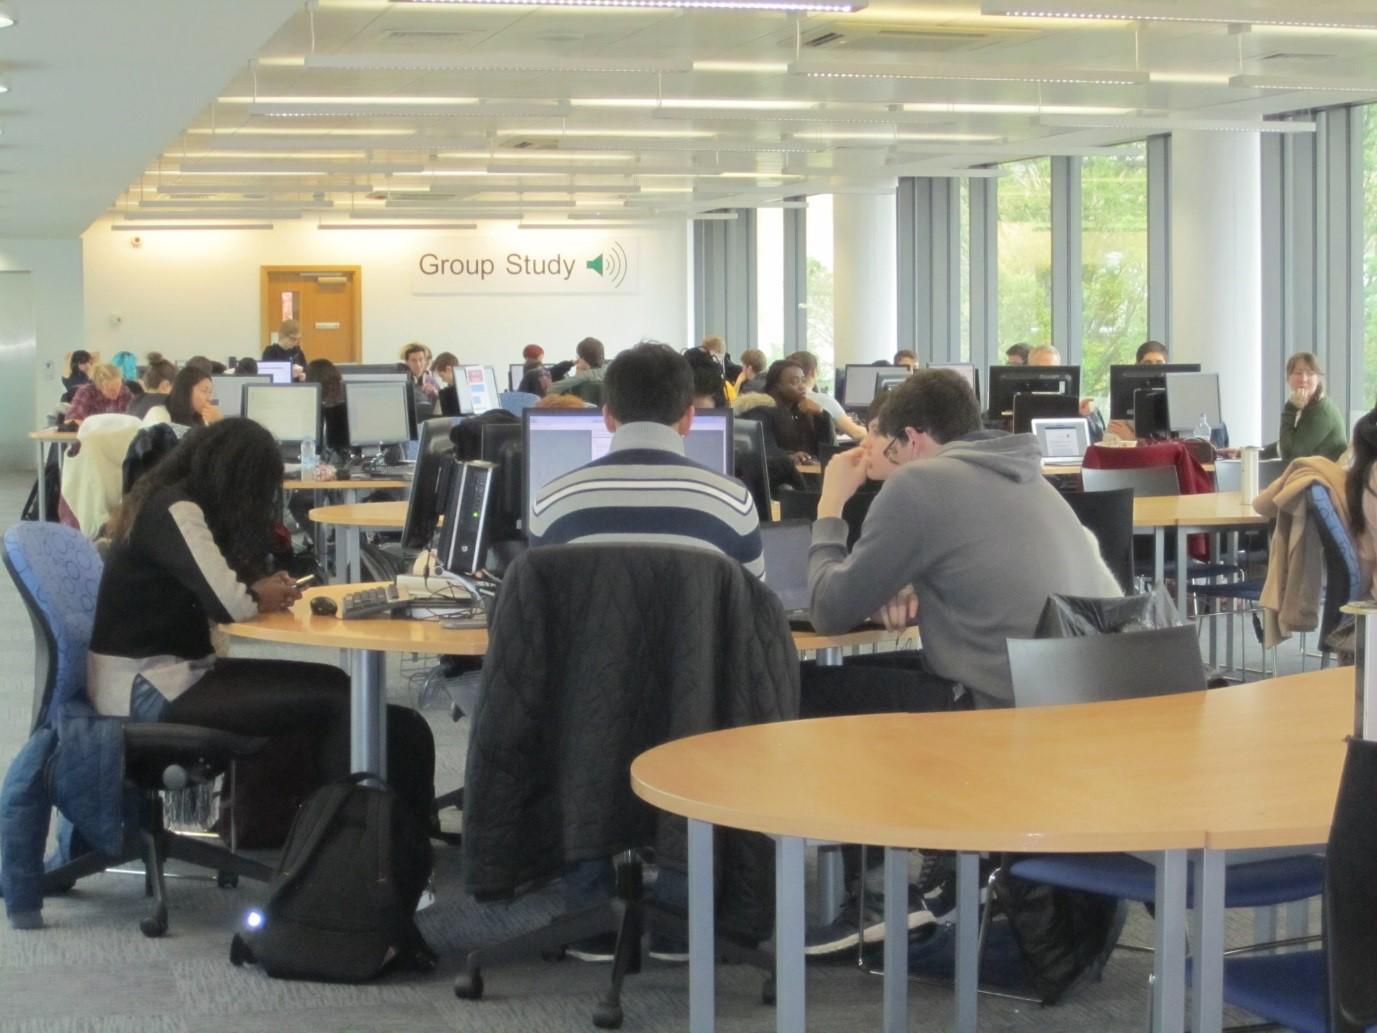 Kuva 8. Iltapäivällä kirjaston kaikki työskentelytilat ovat täynnä.